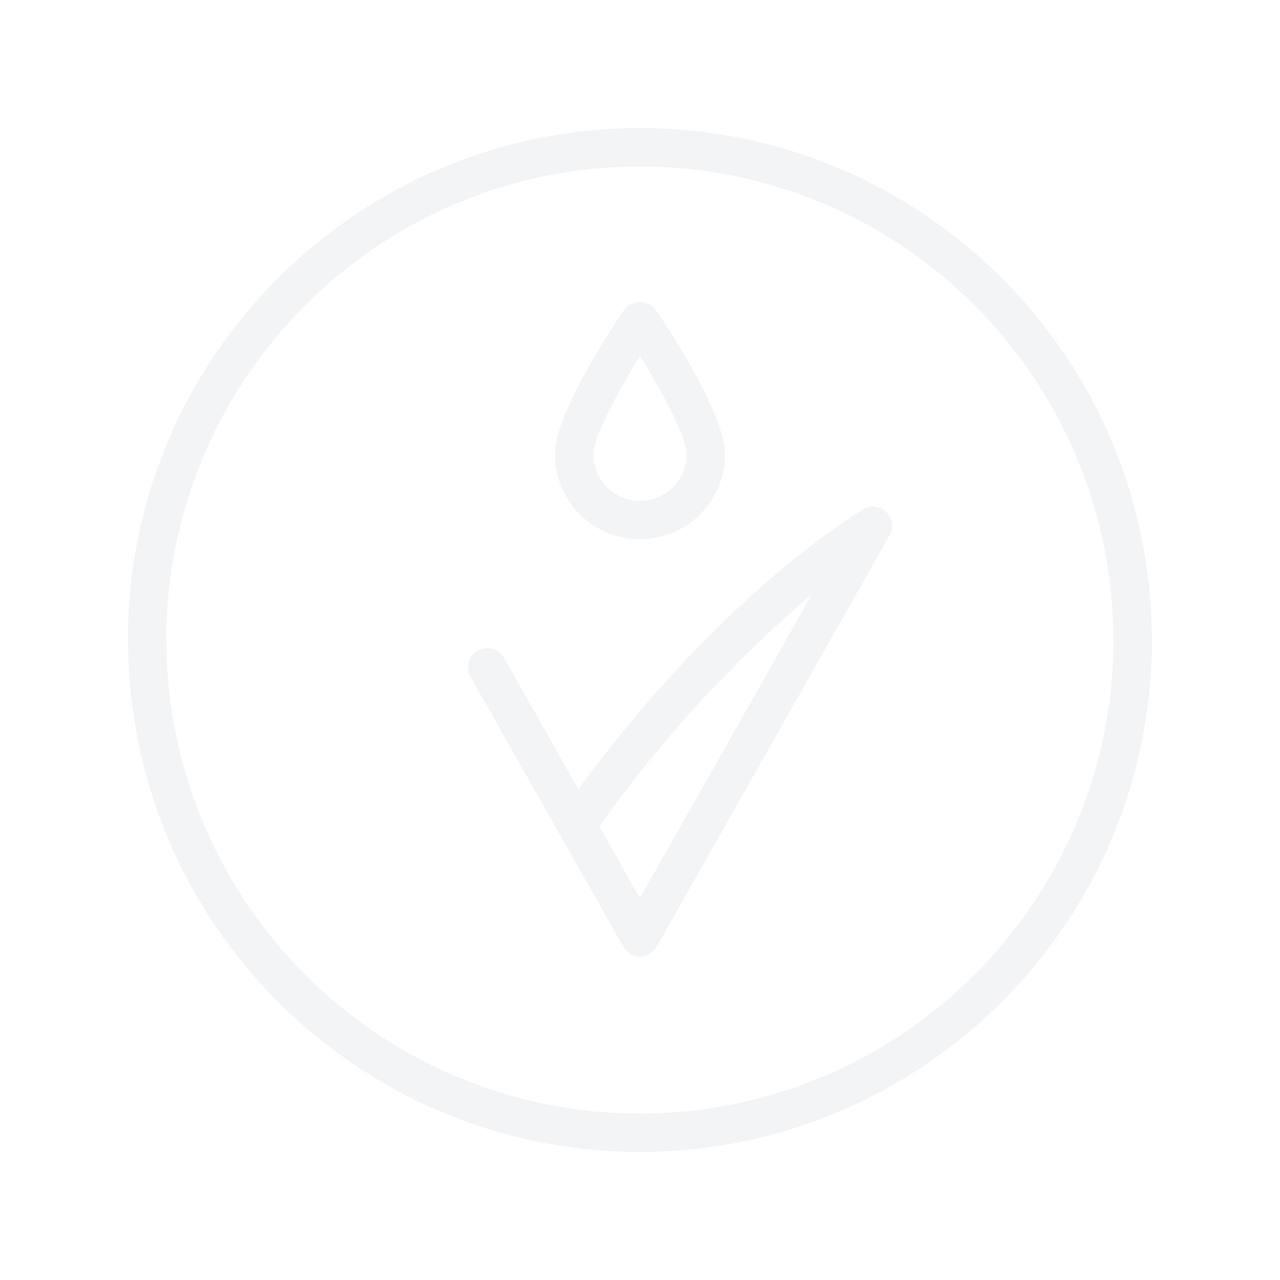 L'OREAL La Vie En Glow Highlighting Powder Palette 5g